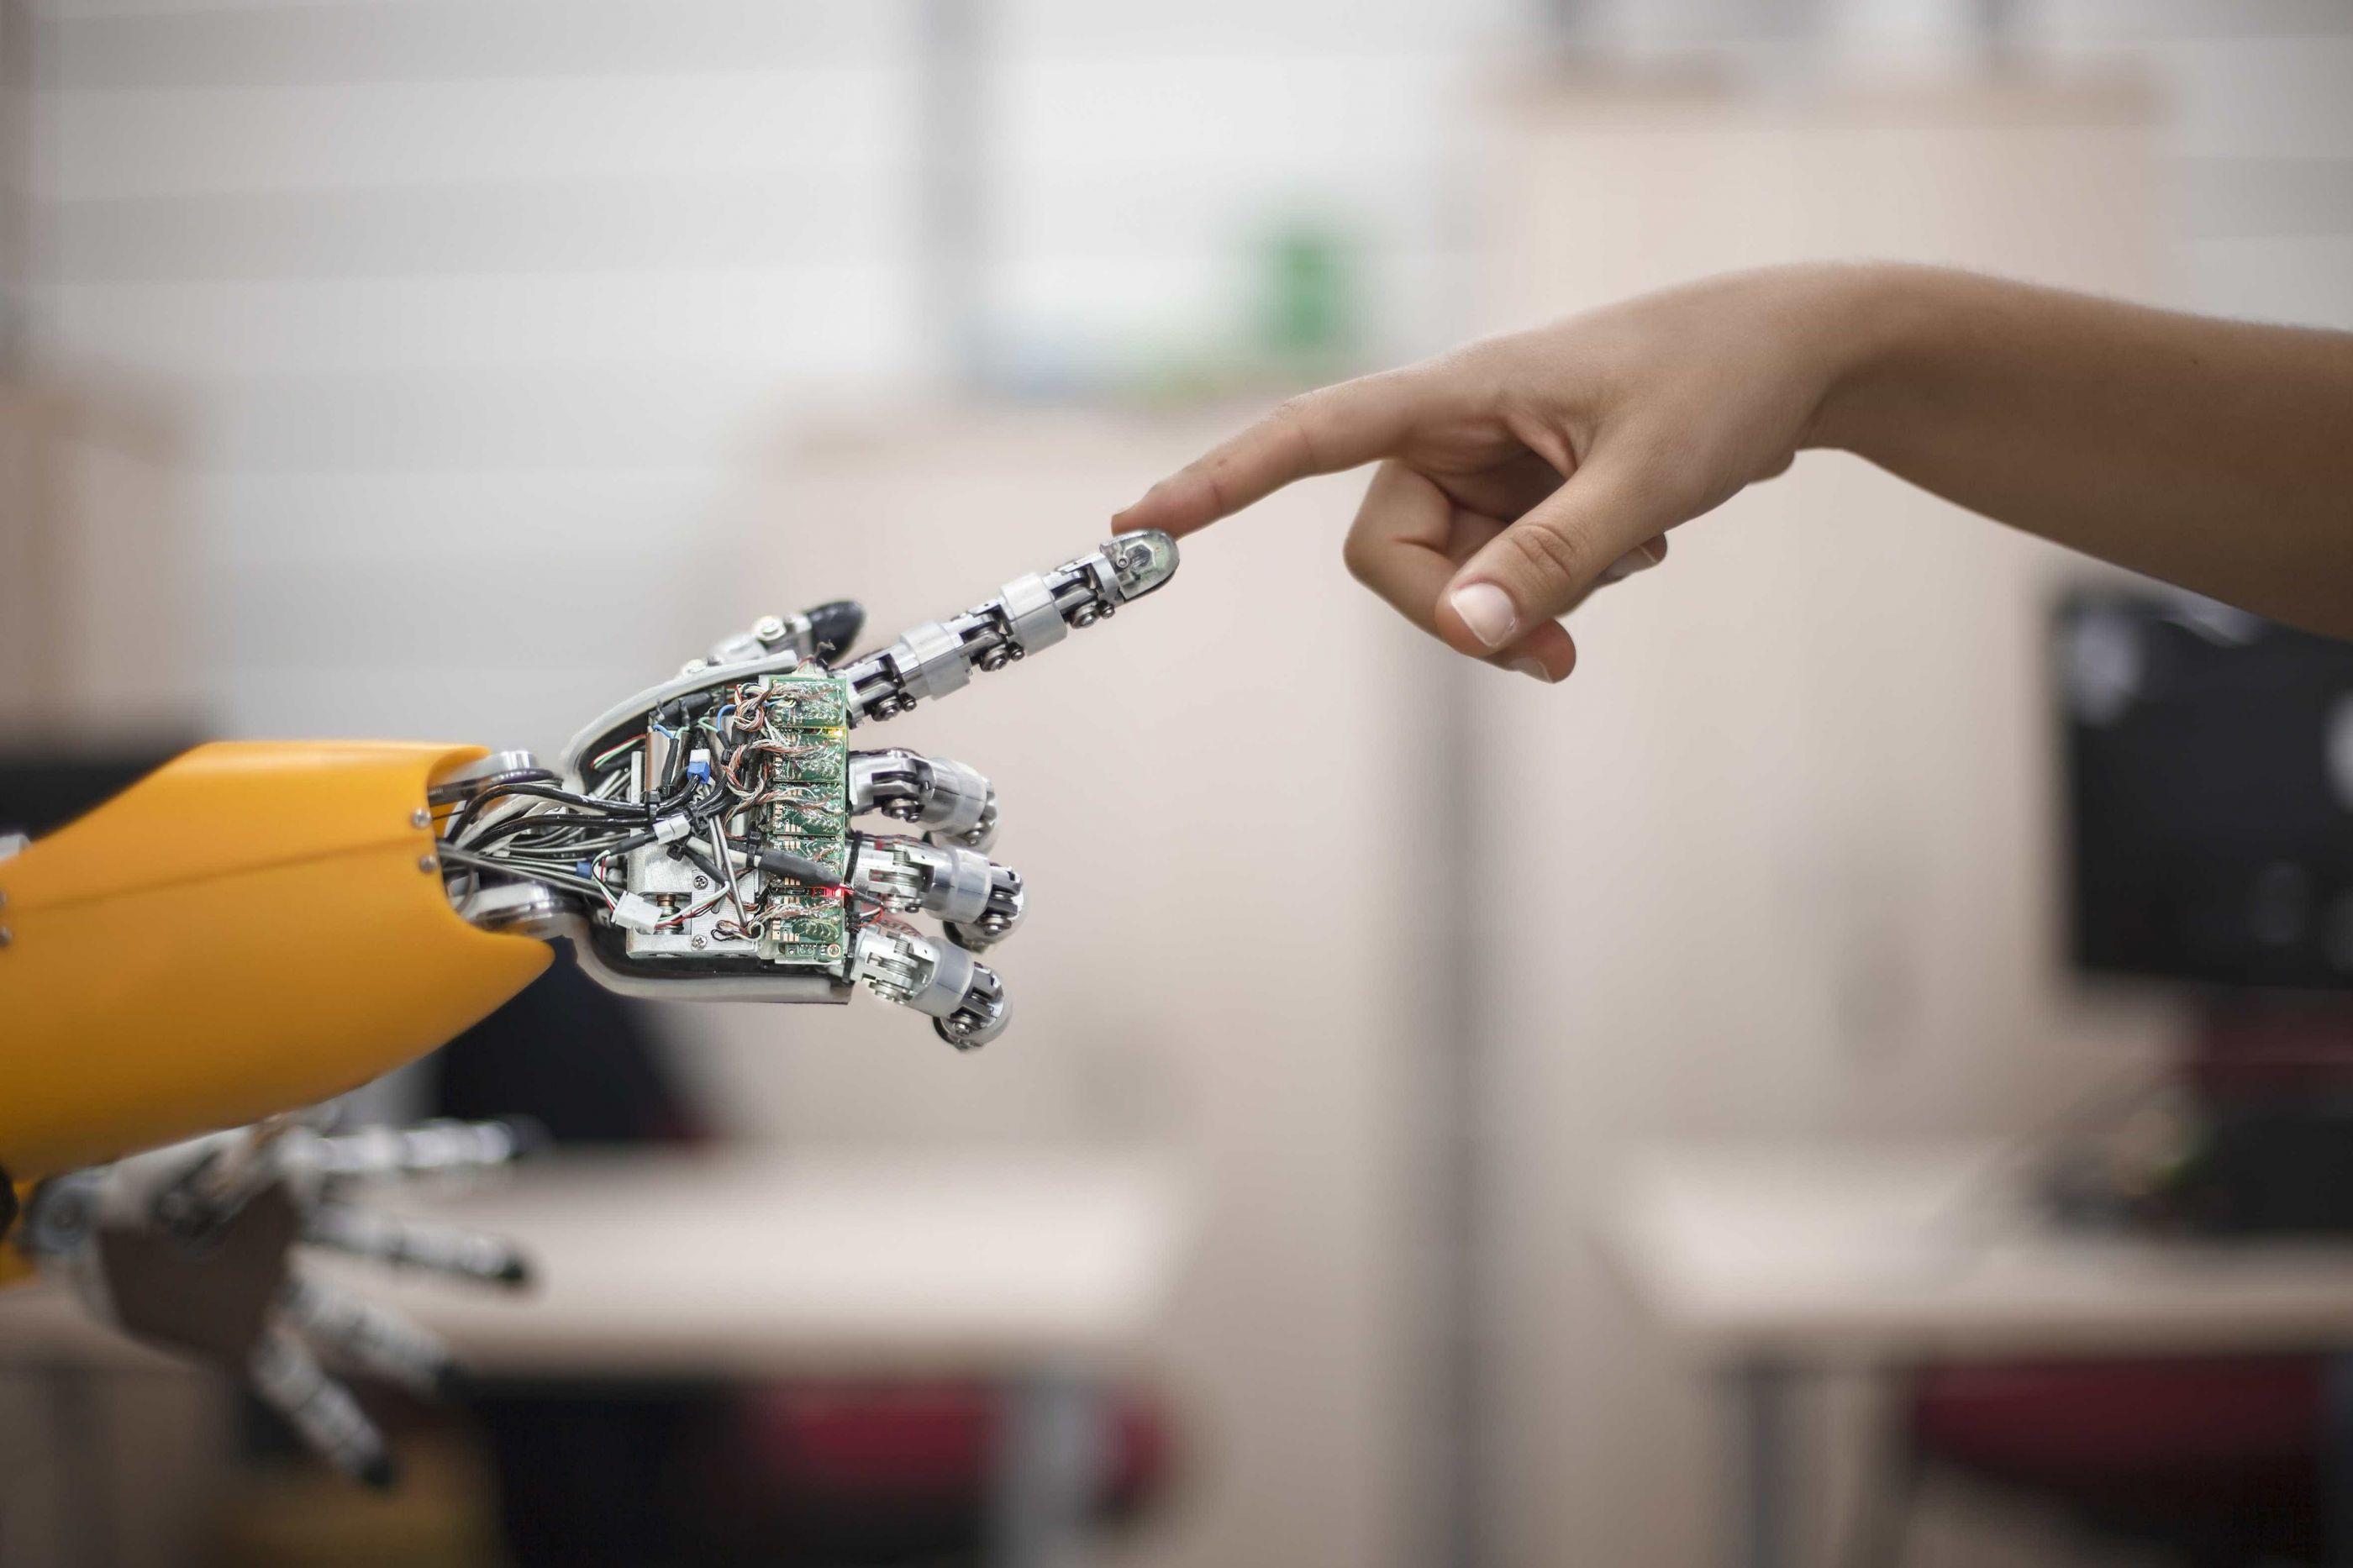 Japão quer robôs nas salas de aulas para ensinar inglês